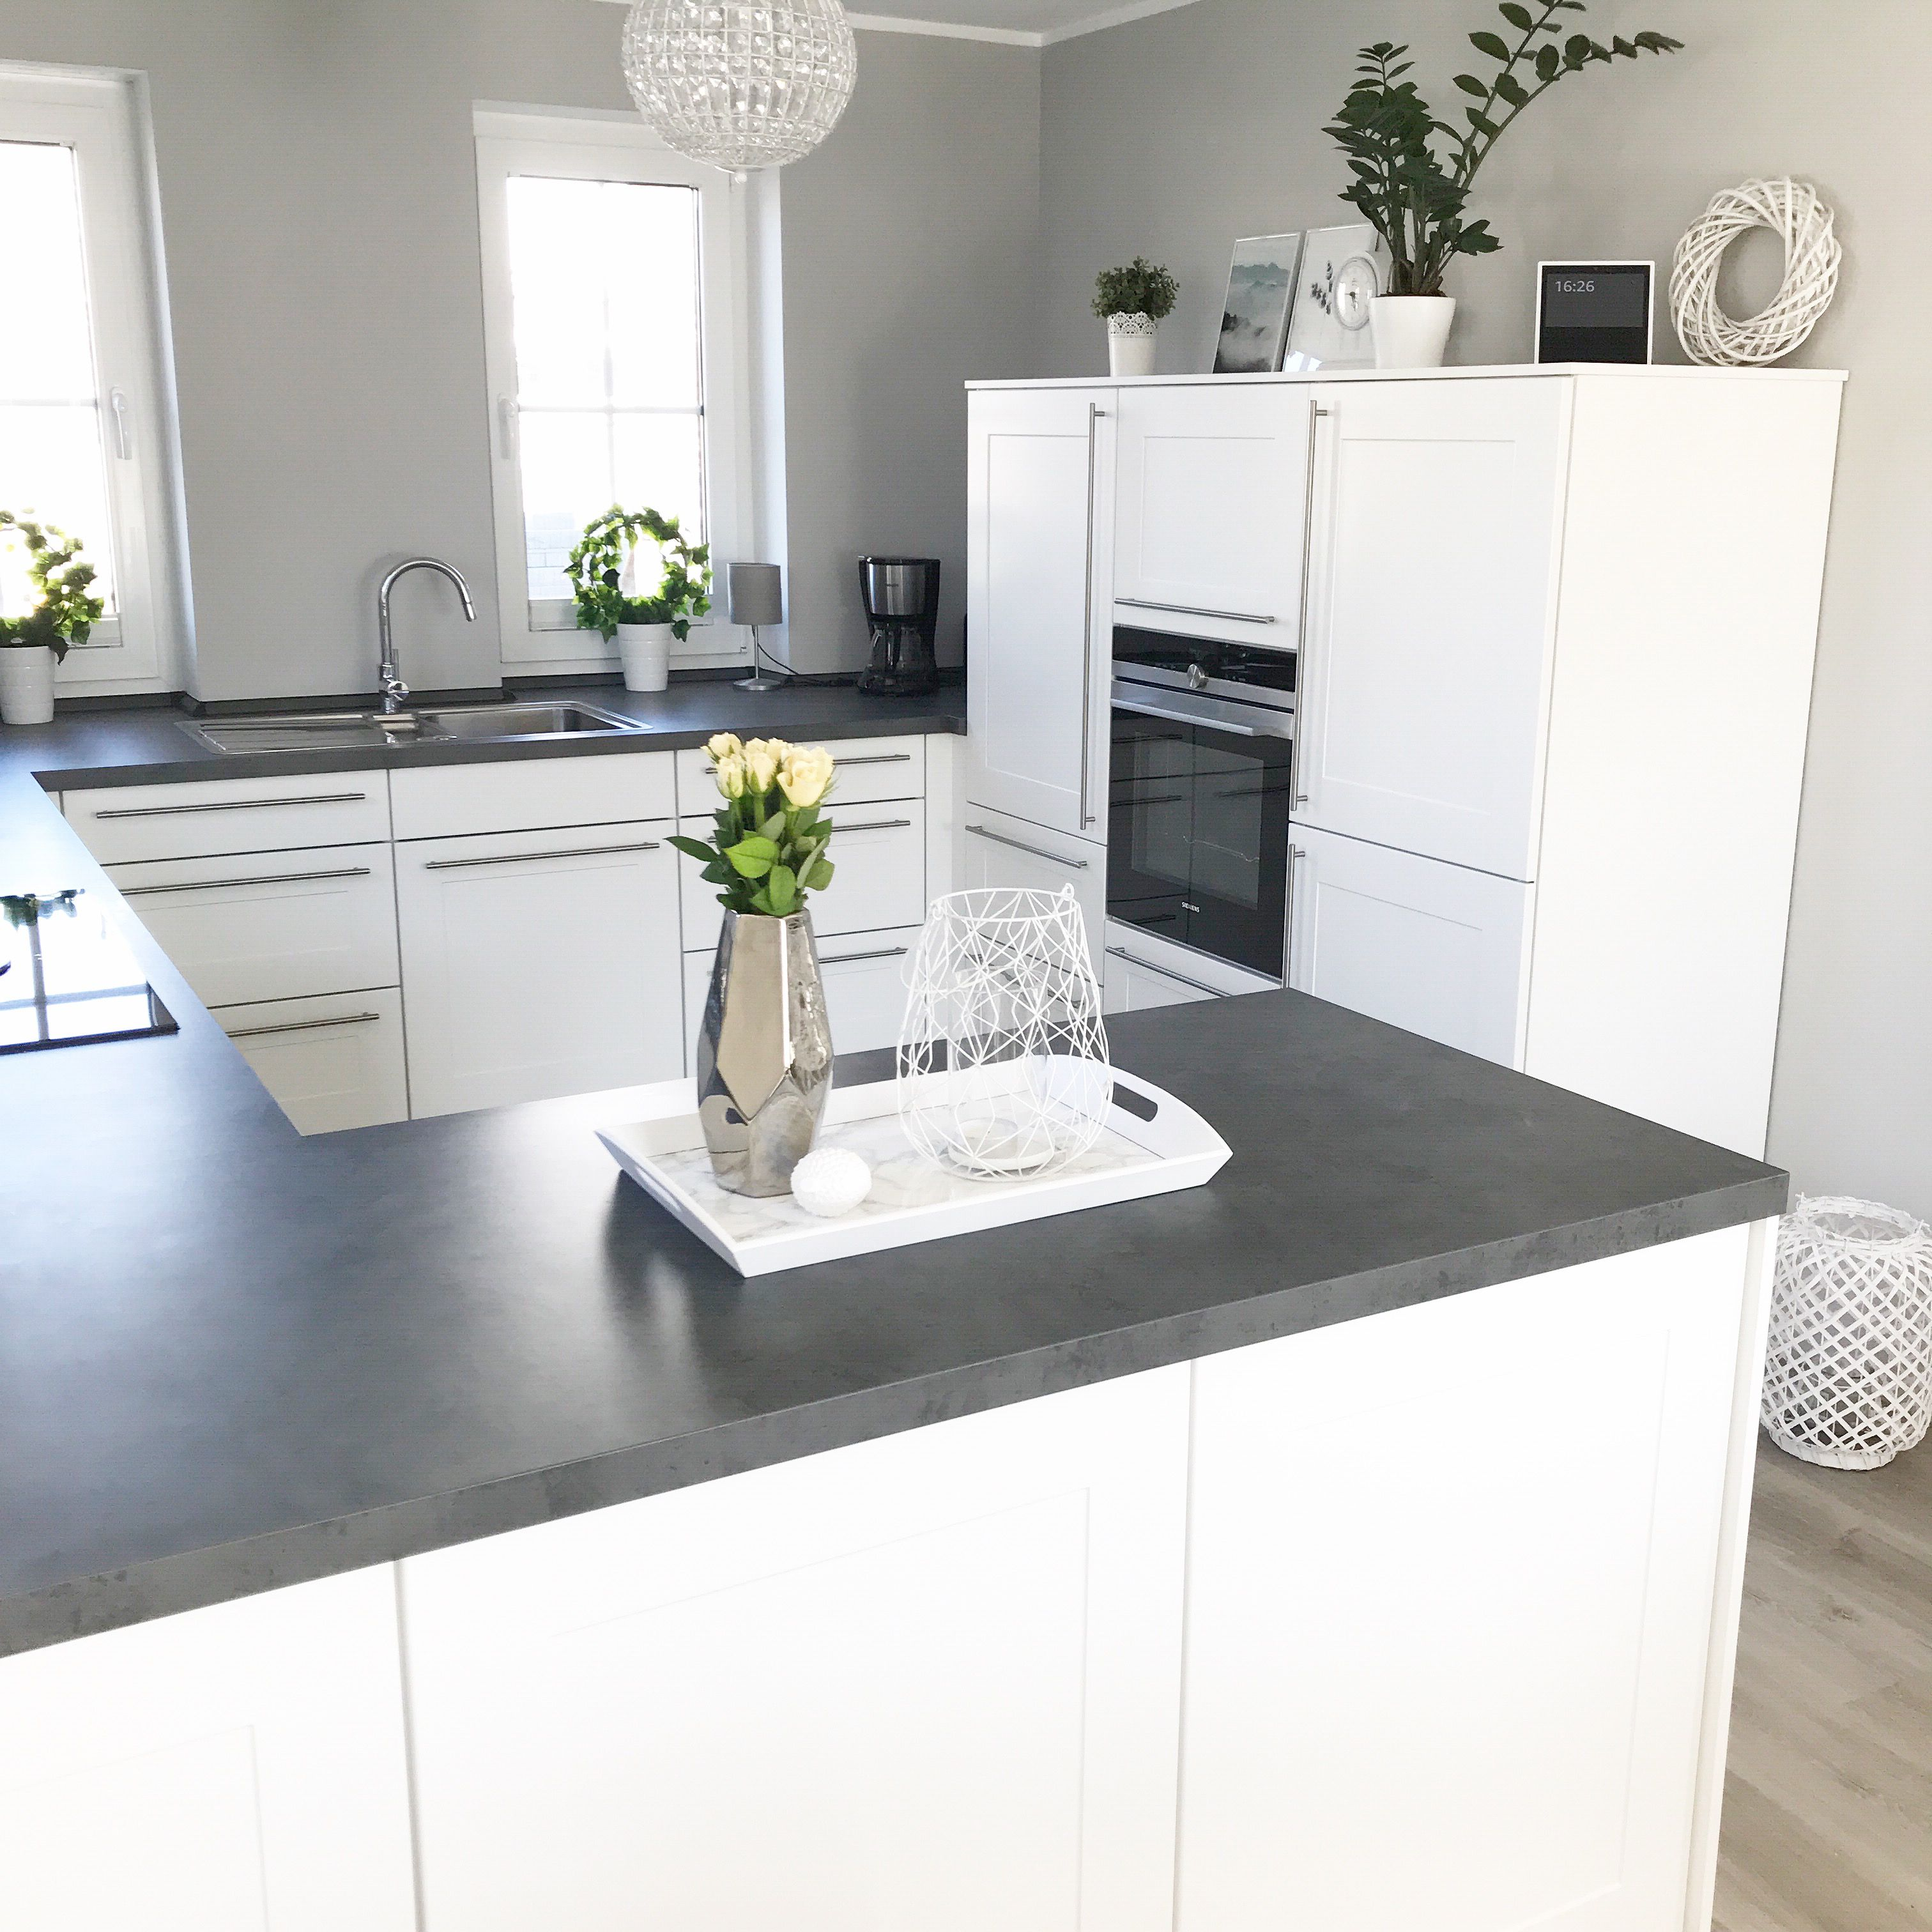 Wohndesign innenraum instagram wohnemotion landhaus küche kitchen modern grau weiß grey